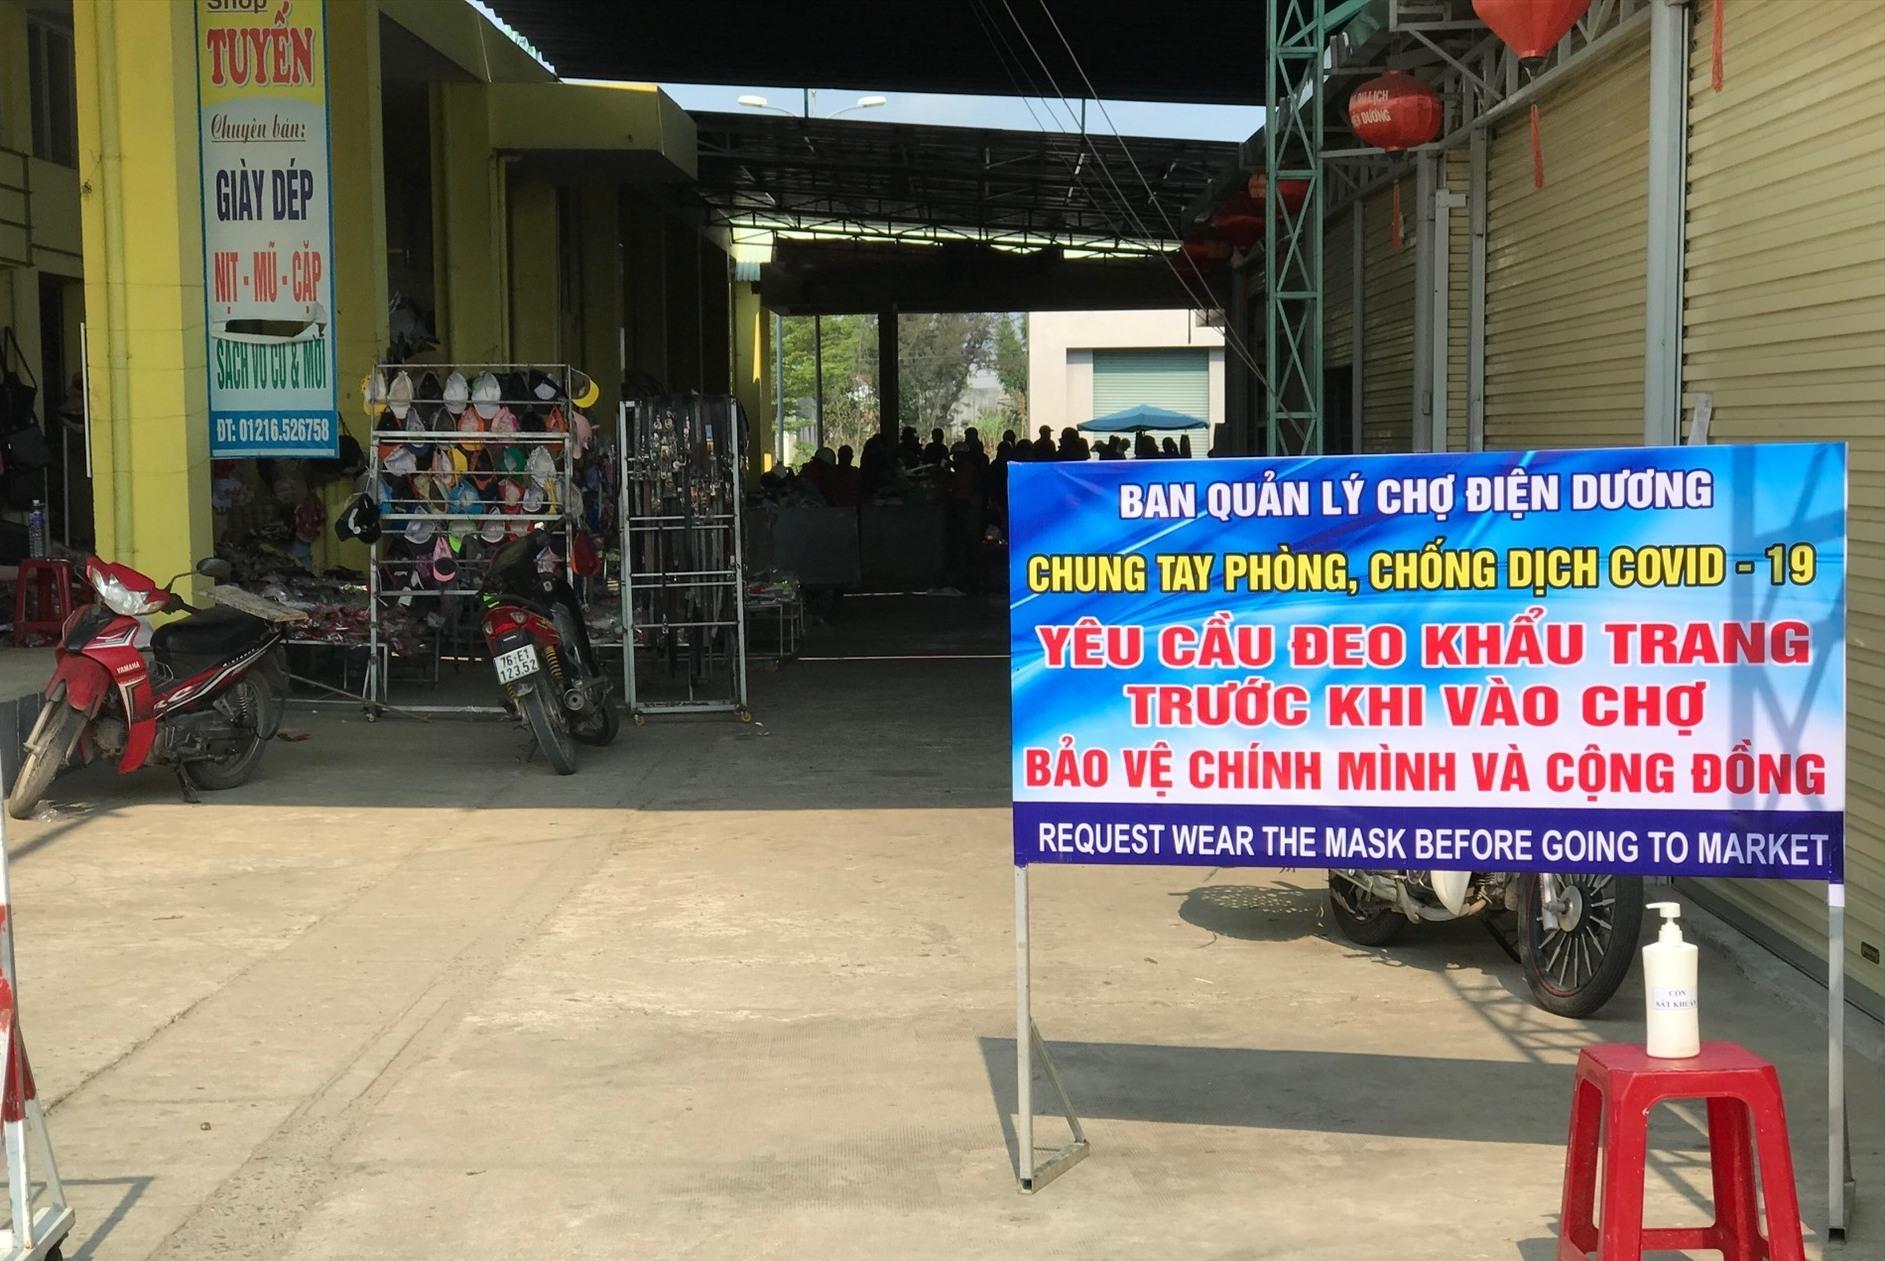 Các cơ sở kinh doanh thuộc 13 xã, phường có vị trí giáp ranh hoặc lân cận TP.Đà Nẵng ở Điện Bàn từ ngày mai chỉ được bán hàng mang về. Ảnh: Q.T